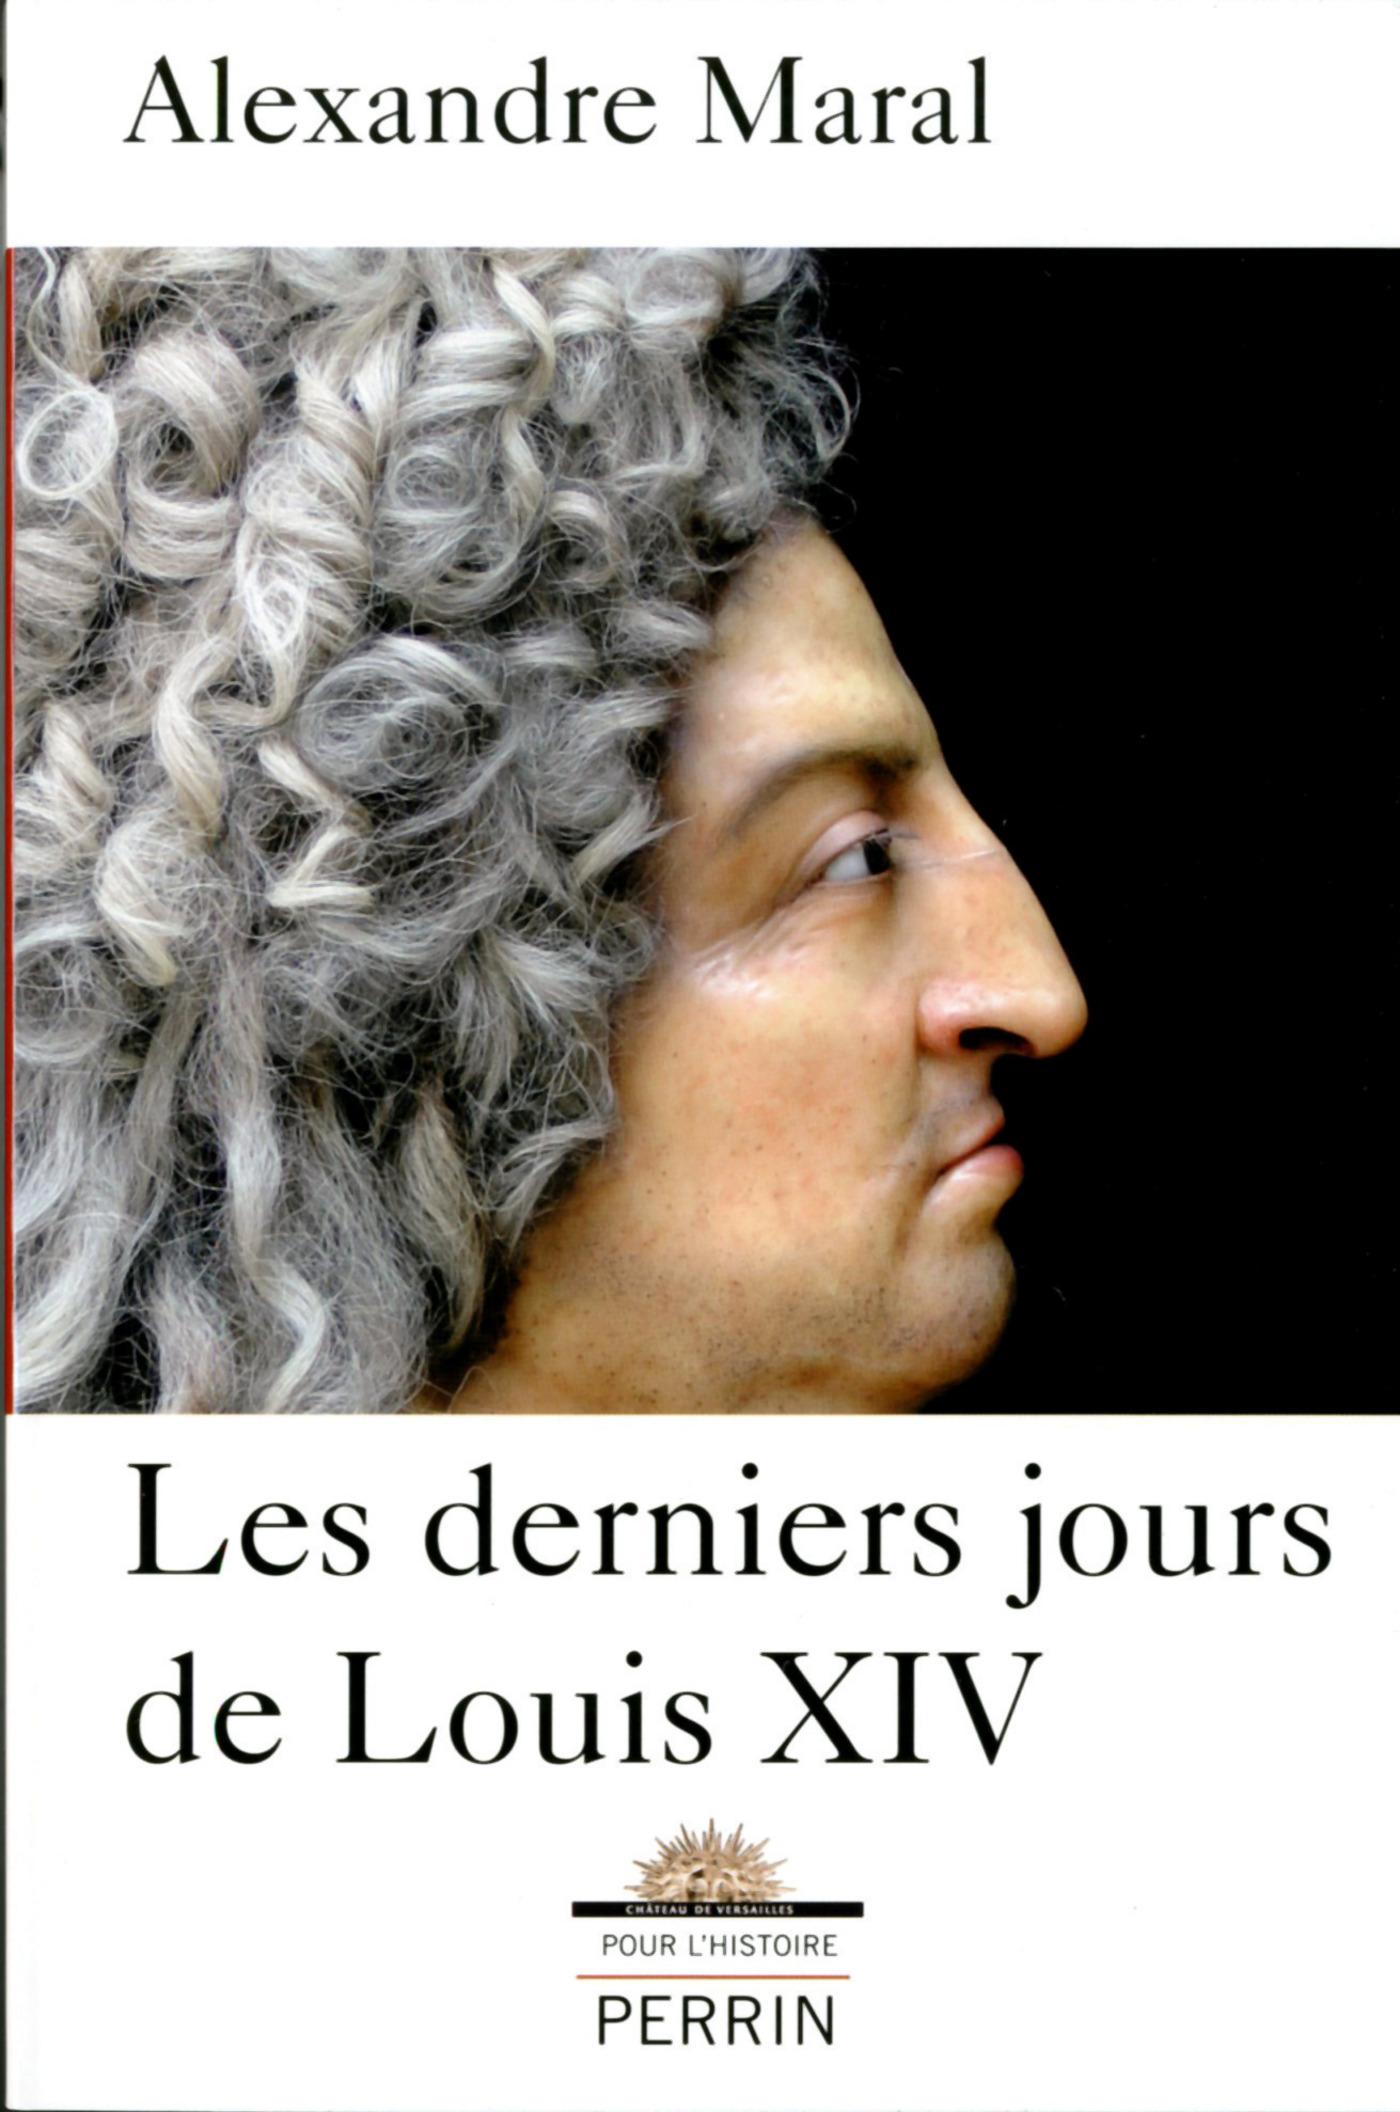 Les derniers jours de Louis XIV (ebook)